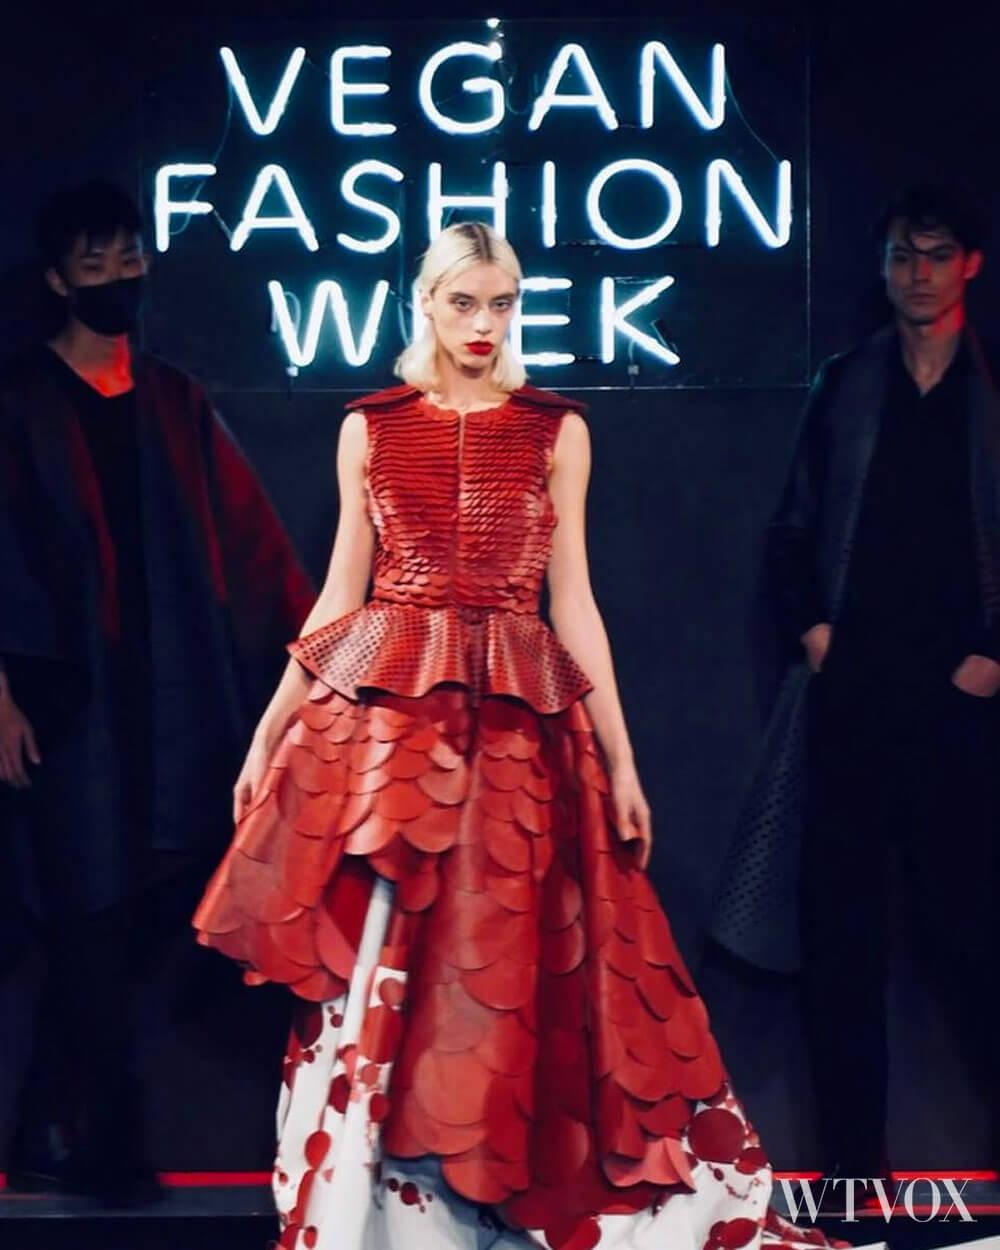 vegan fashion week